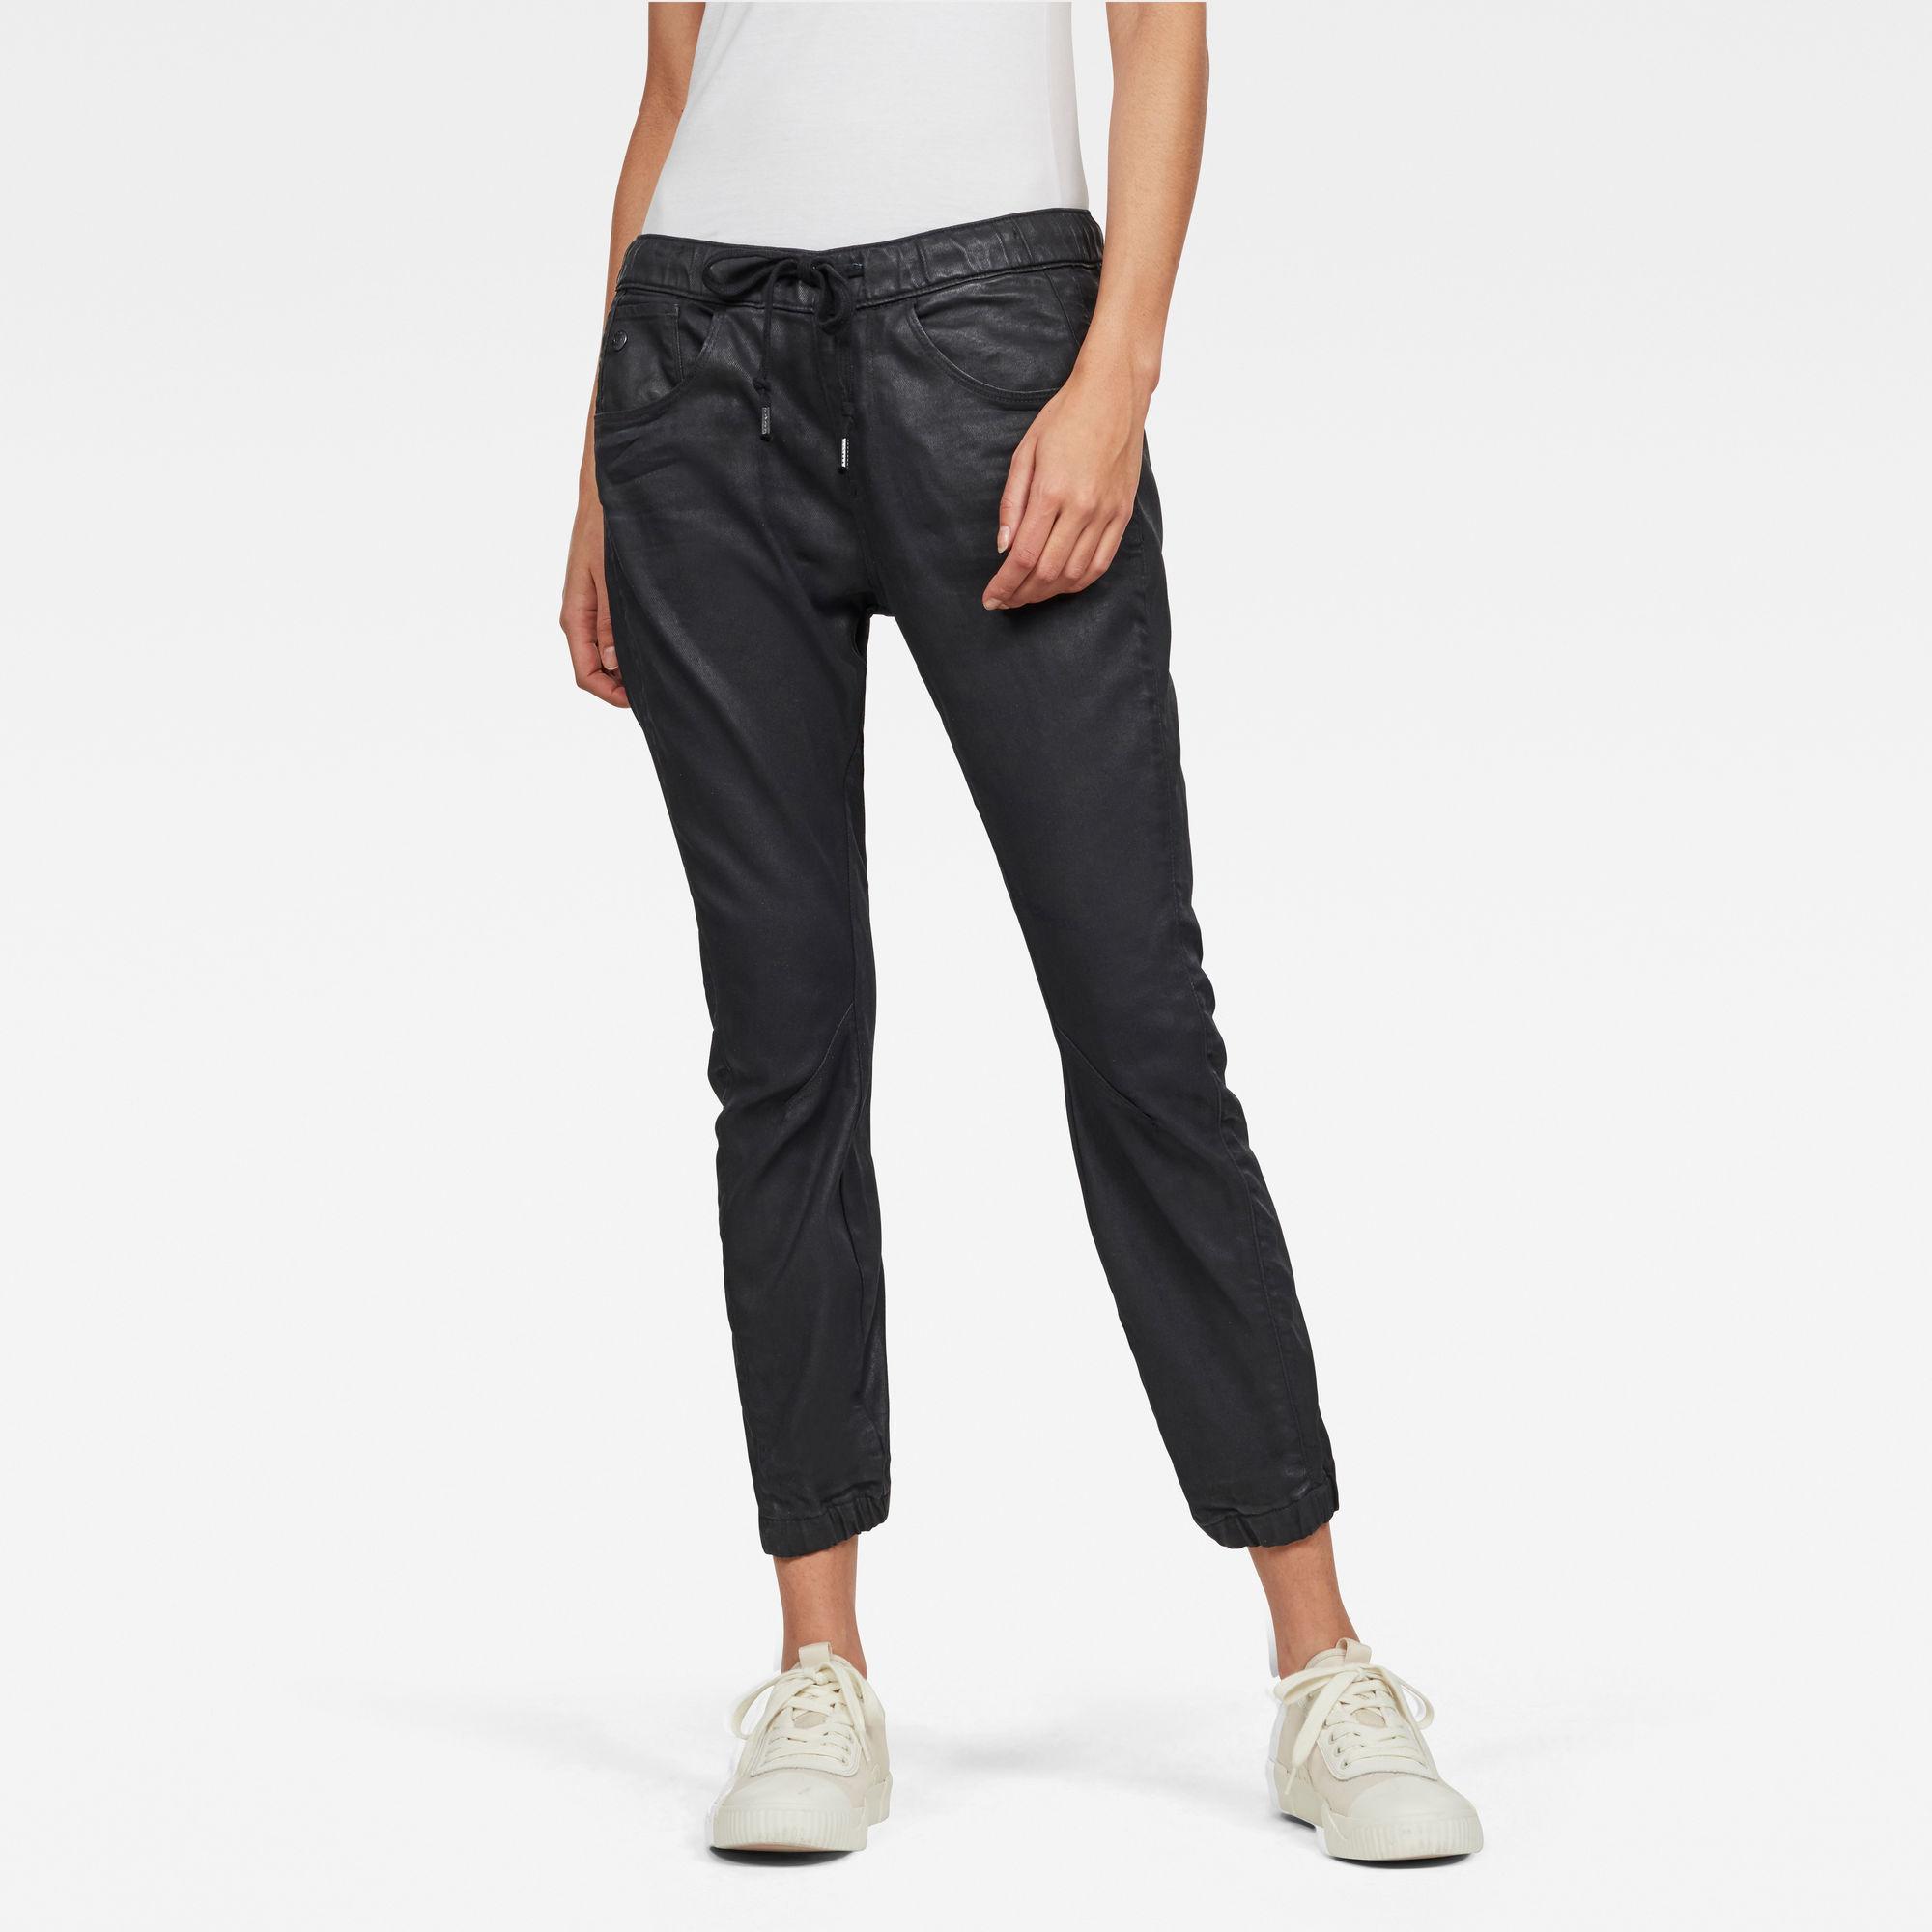 Image of G Star Raw Arc 3D Slim Sport Low Boyfriend Jeans